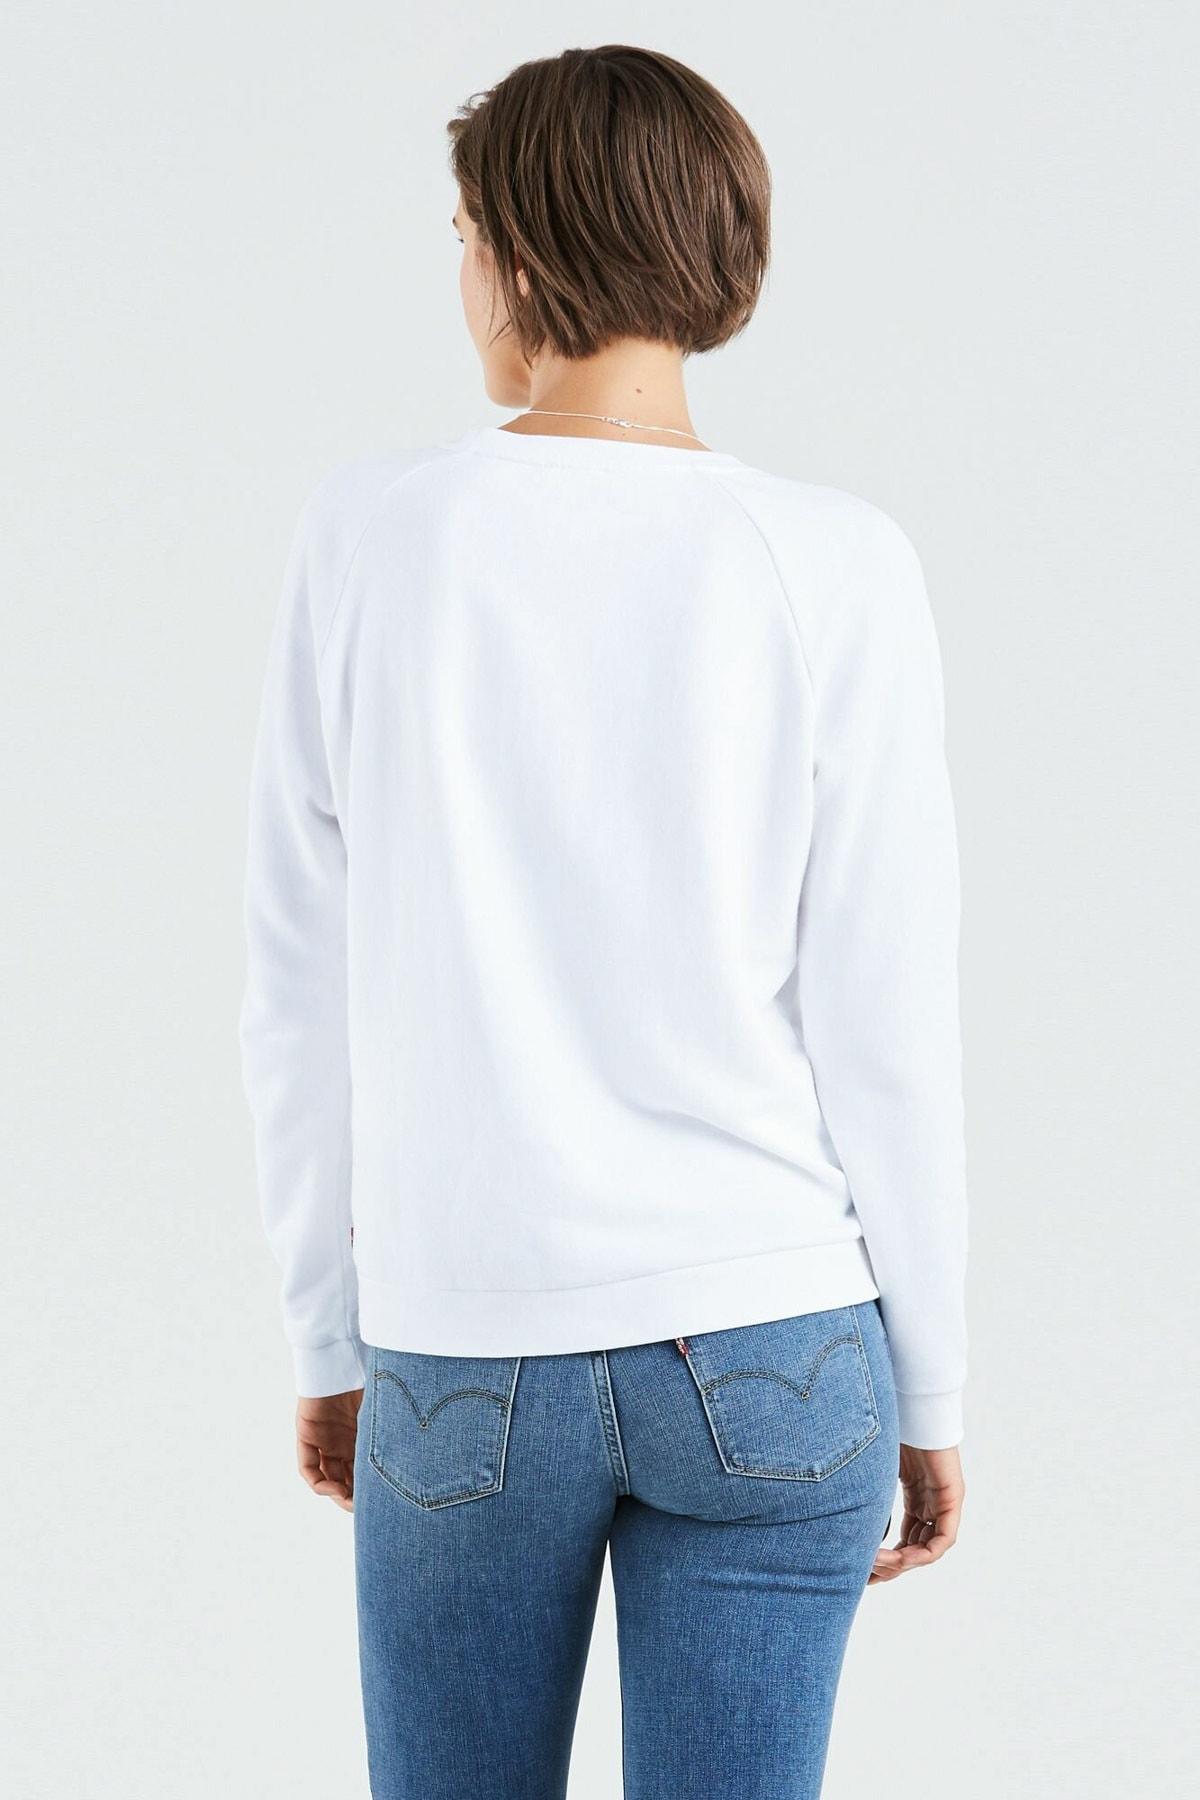 Levi's Kadın Beyaz Sweatshirt 29717-0063 2